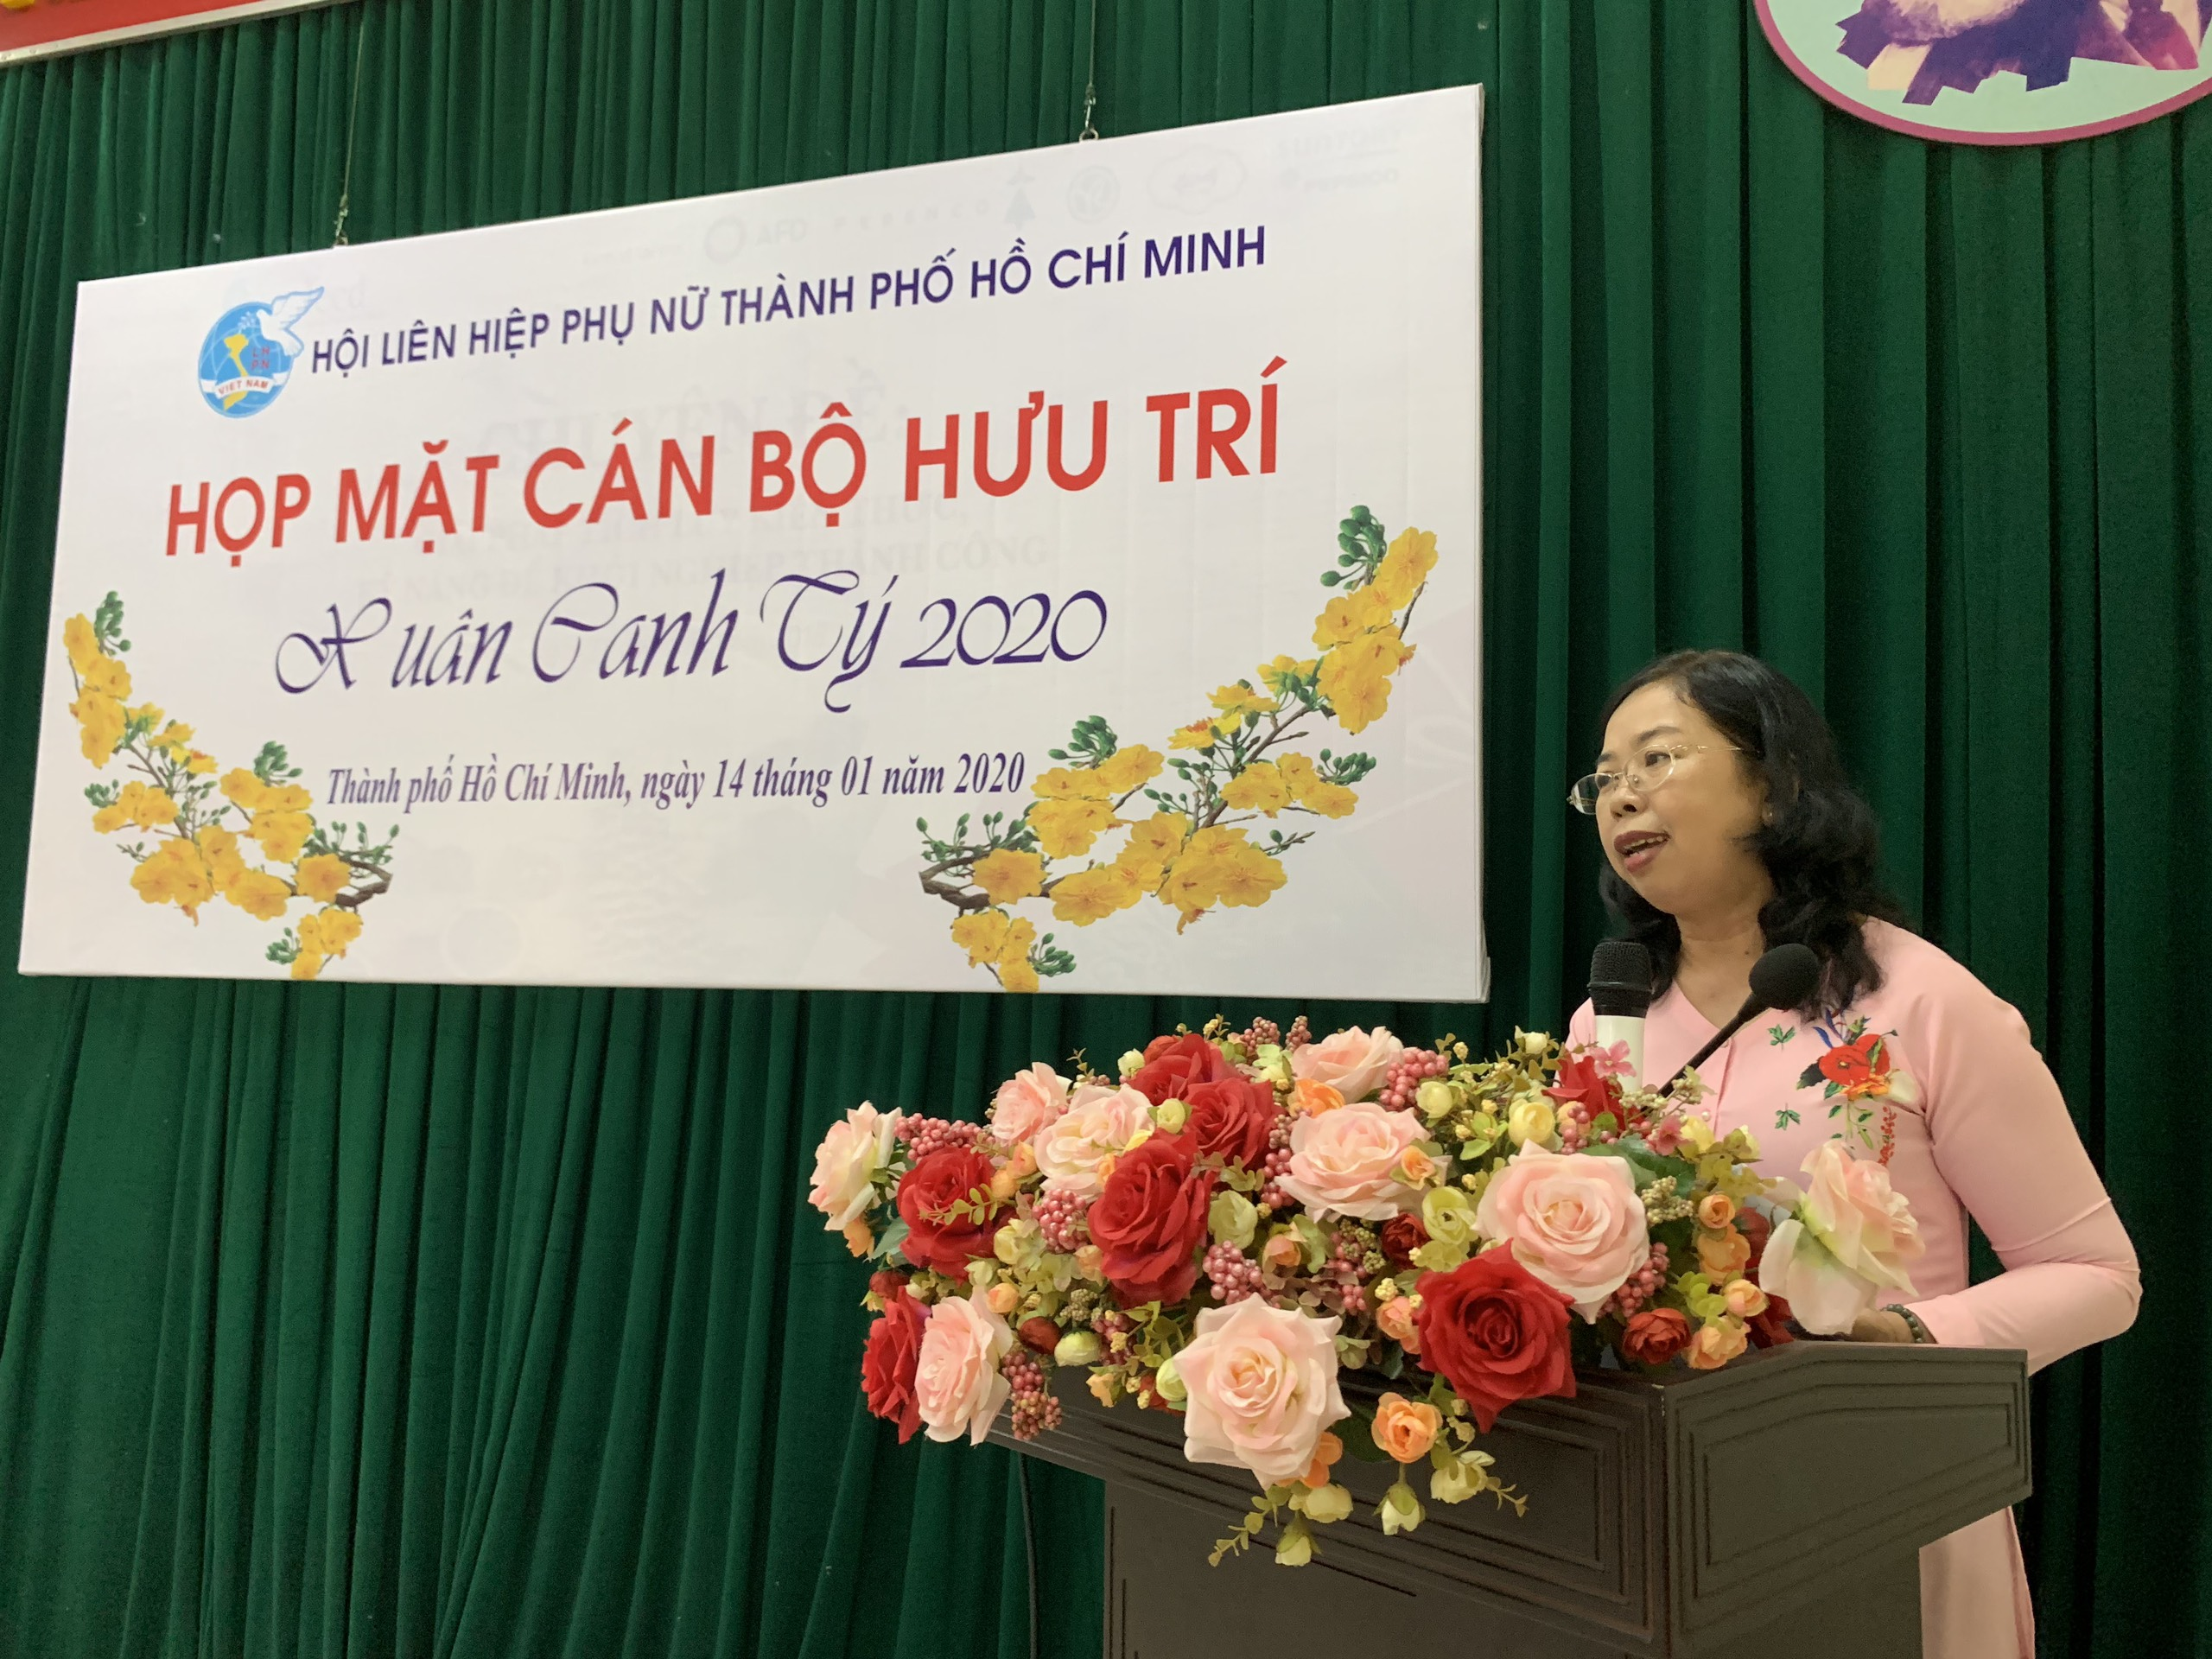 Bà Đỗ Thị Chánh - Phó chủ tịch Hội LHPN TP.HCM - gửi lời chúc mừng năm mới Canh Tý đến các dì cán bộ hưu trí.